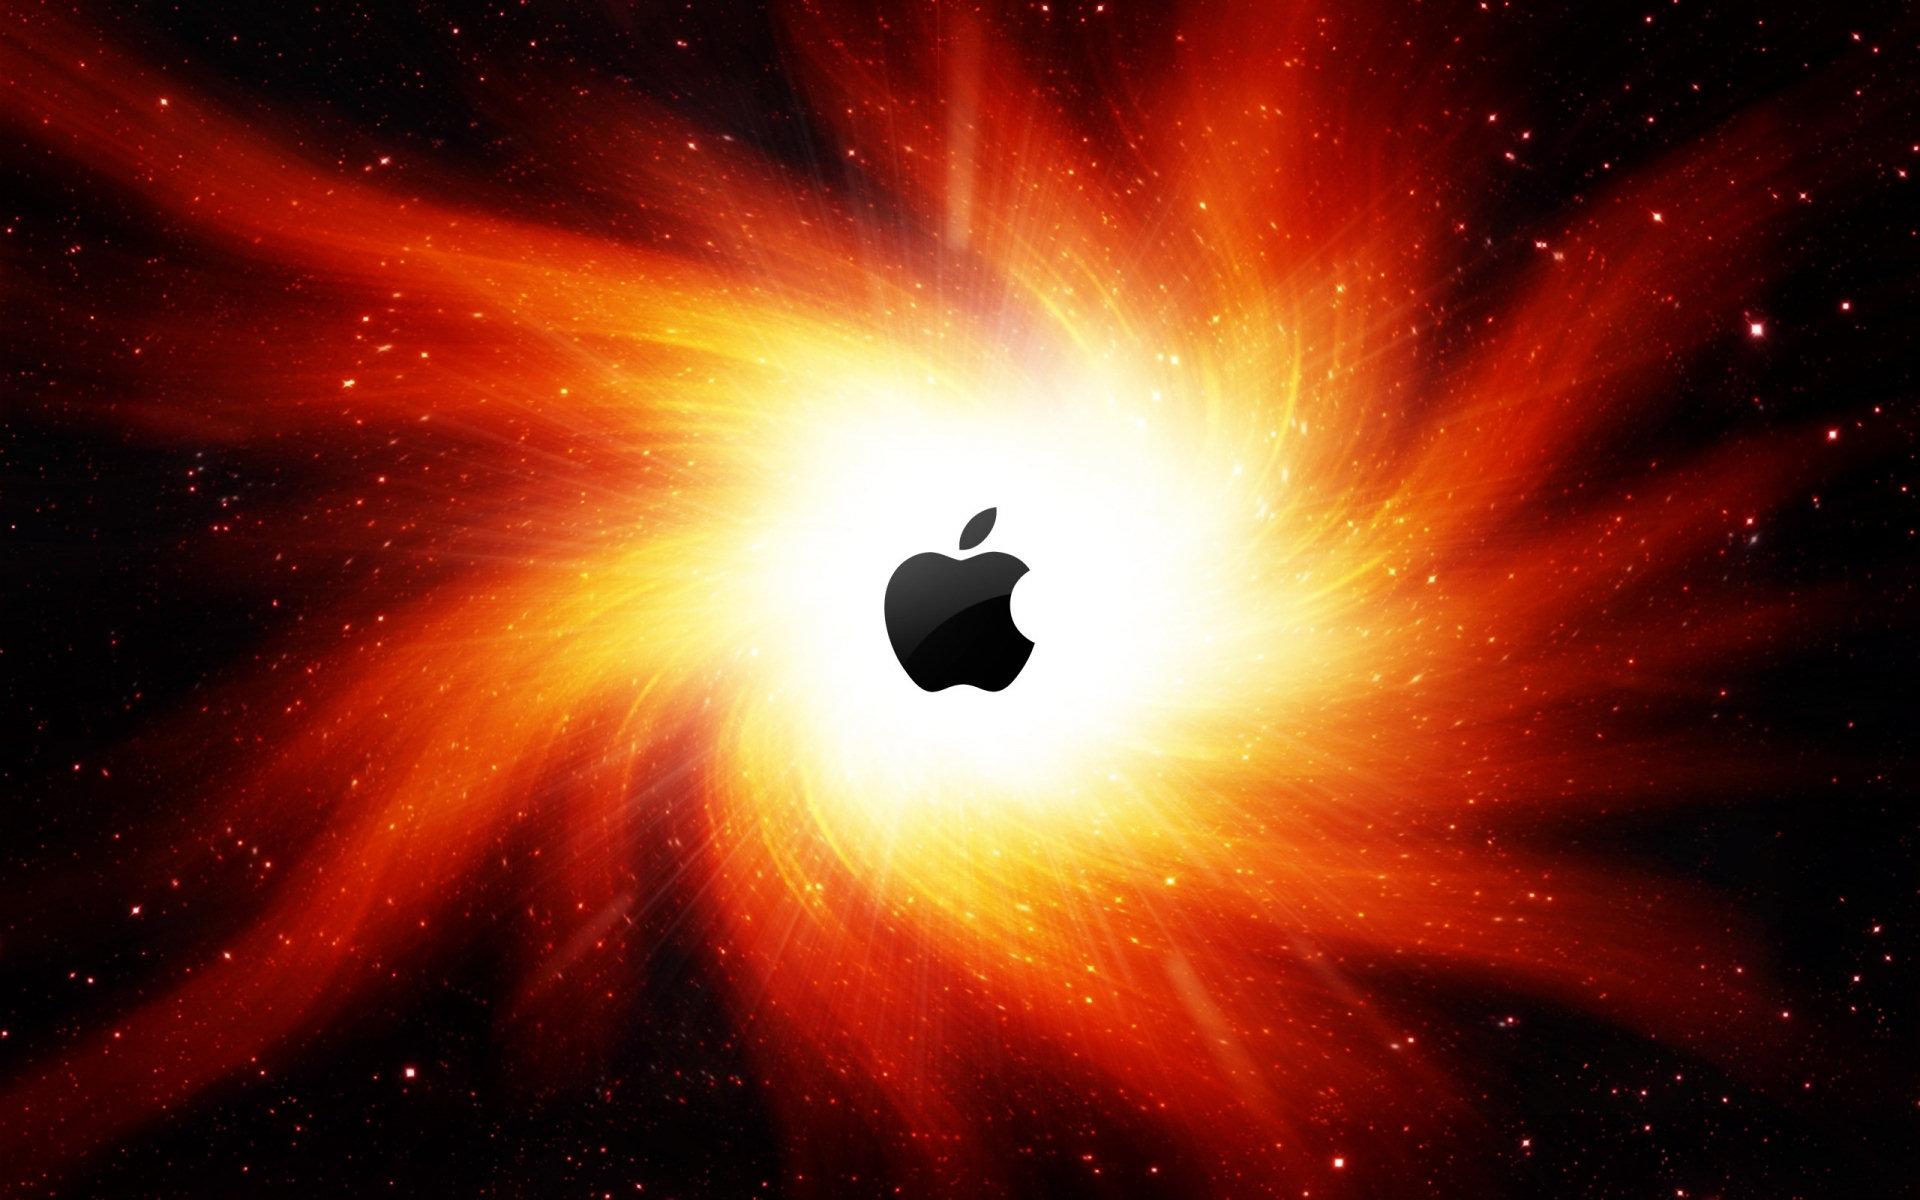 Apple mac full hd wallpaper and hintergrund 1920x1200 for Sfondi spettacolari hd